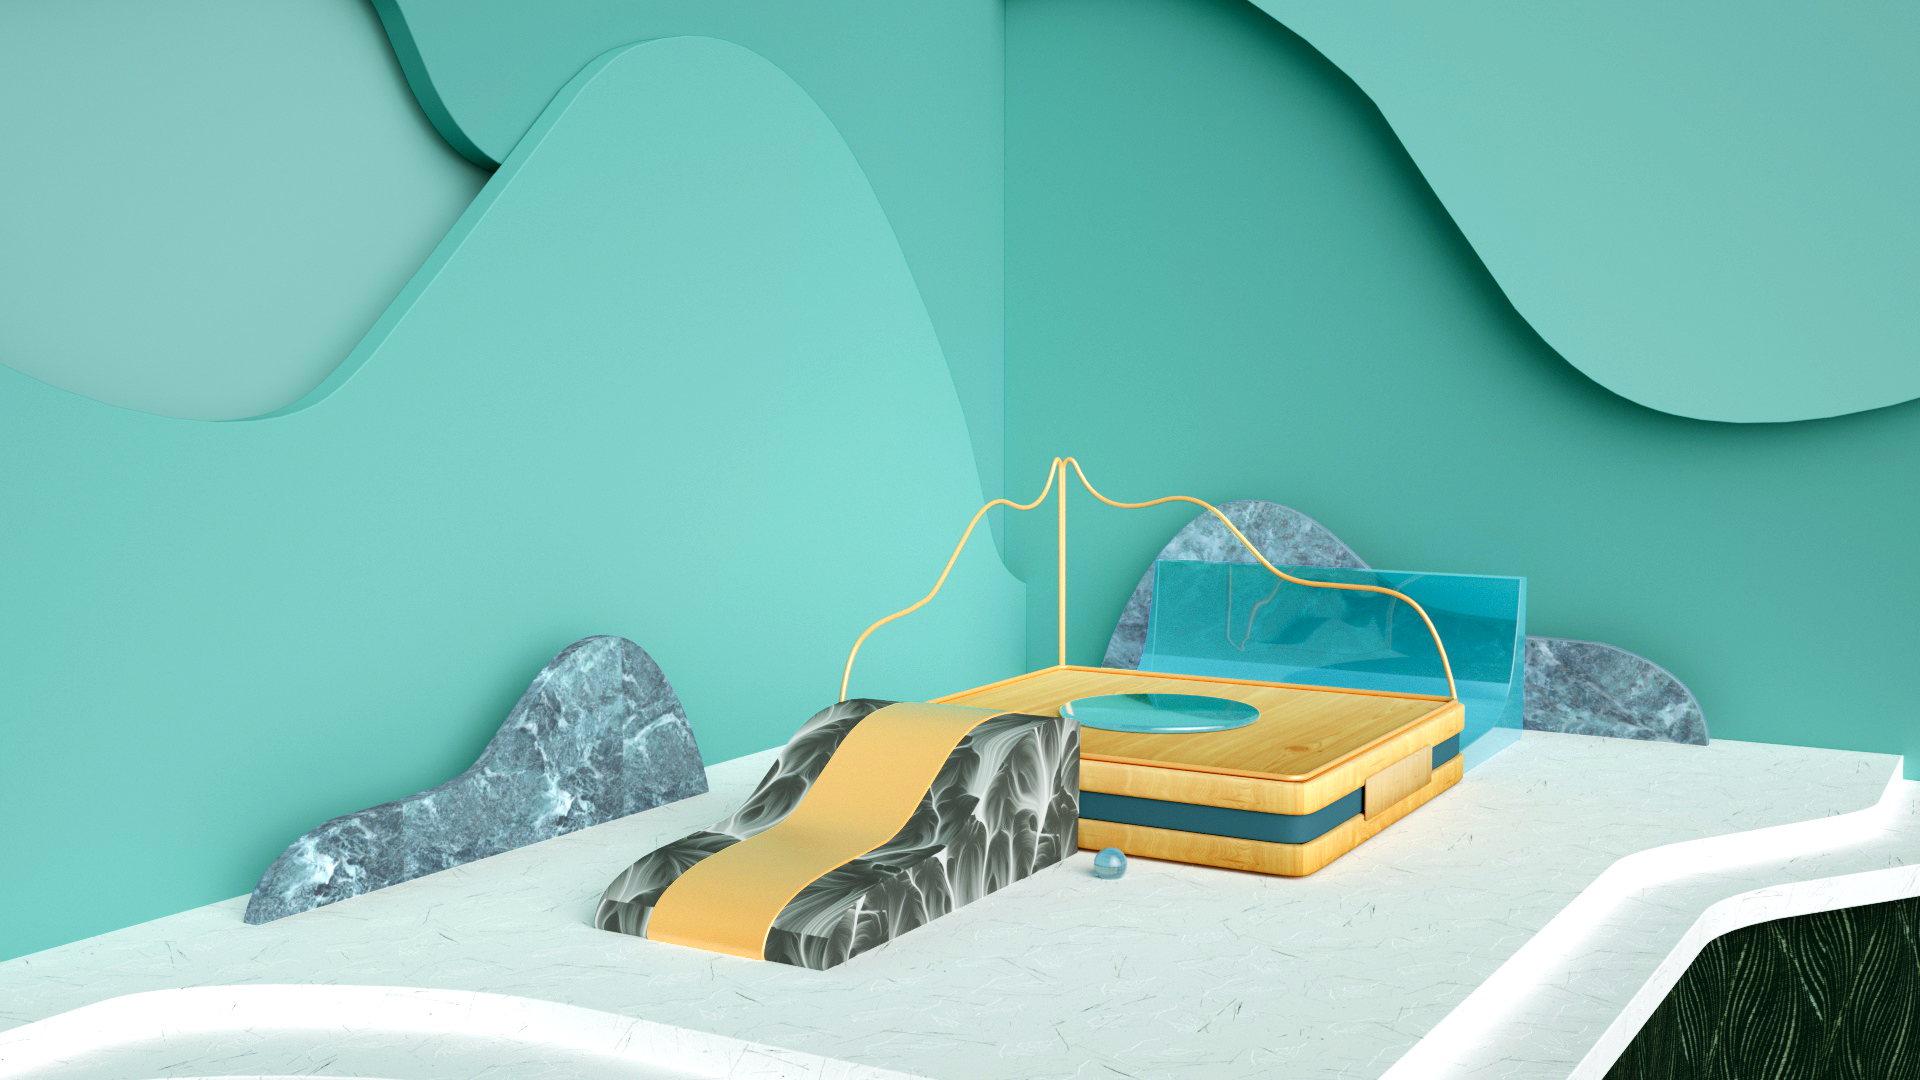 C4D模型理石纹理几何展台步道场景007.jpg